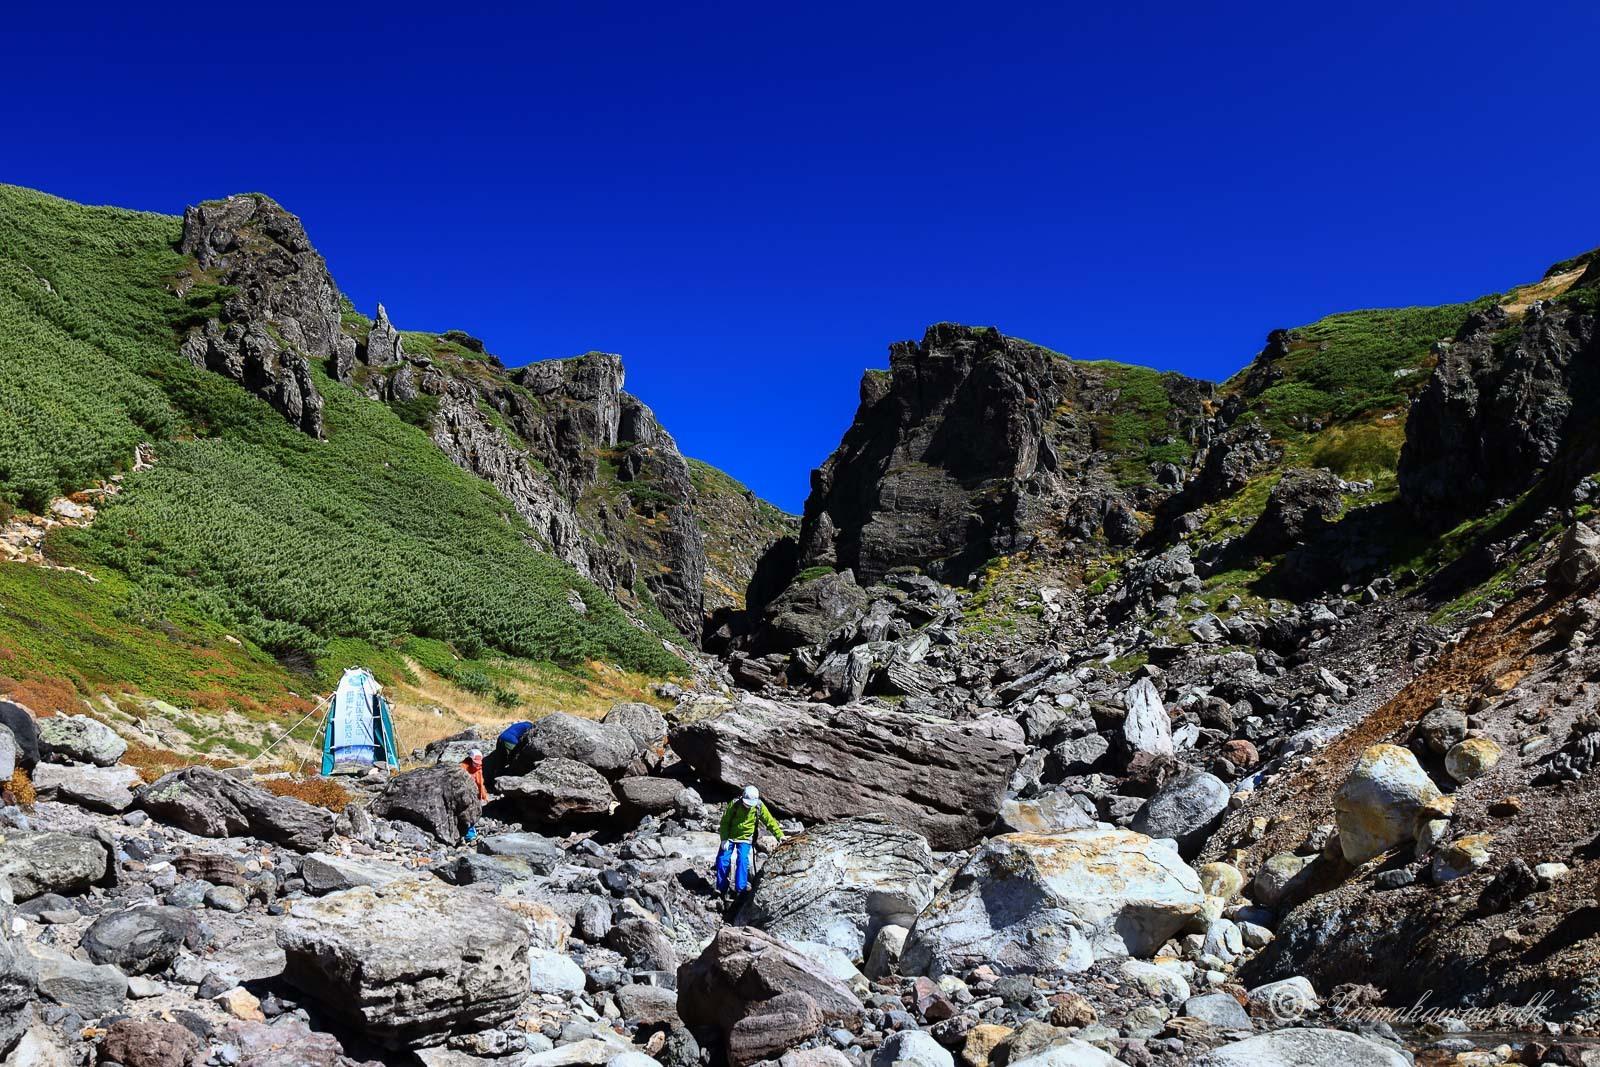 裾合平から中岳温泉まで歩いてきた_b0243727_20260137.jpg